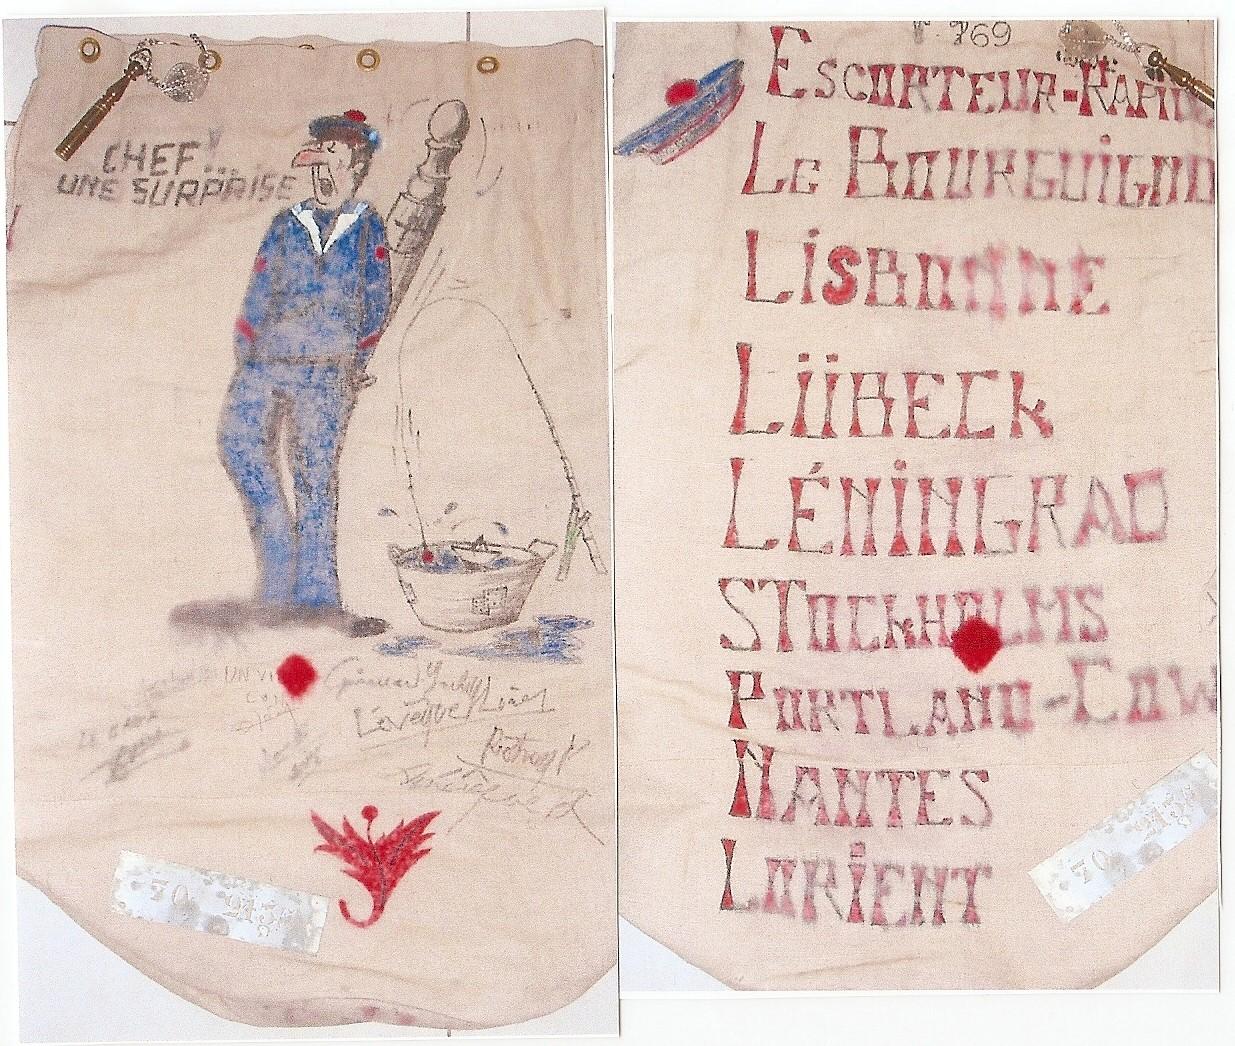 [ LES TRADITIONS DANS LA MARINE ] Les caricatures dans la Marine - Page 2 291224numrisation0050